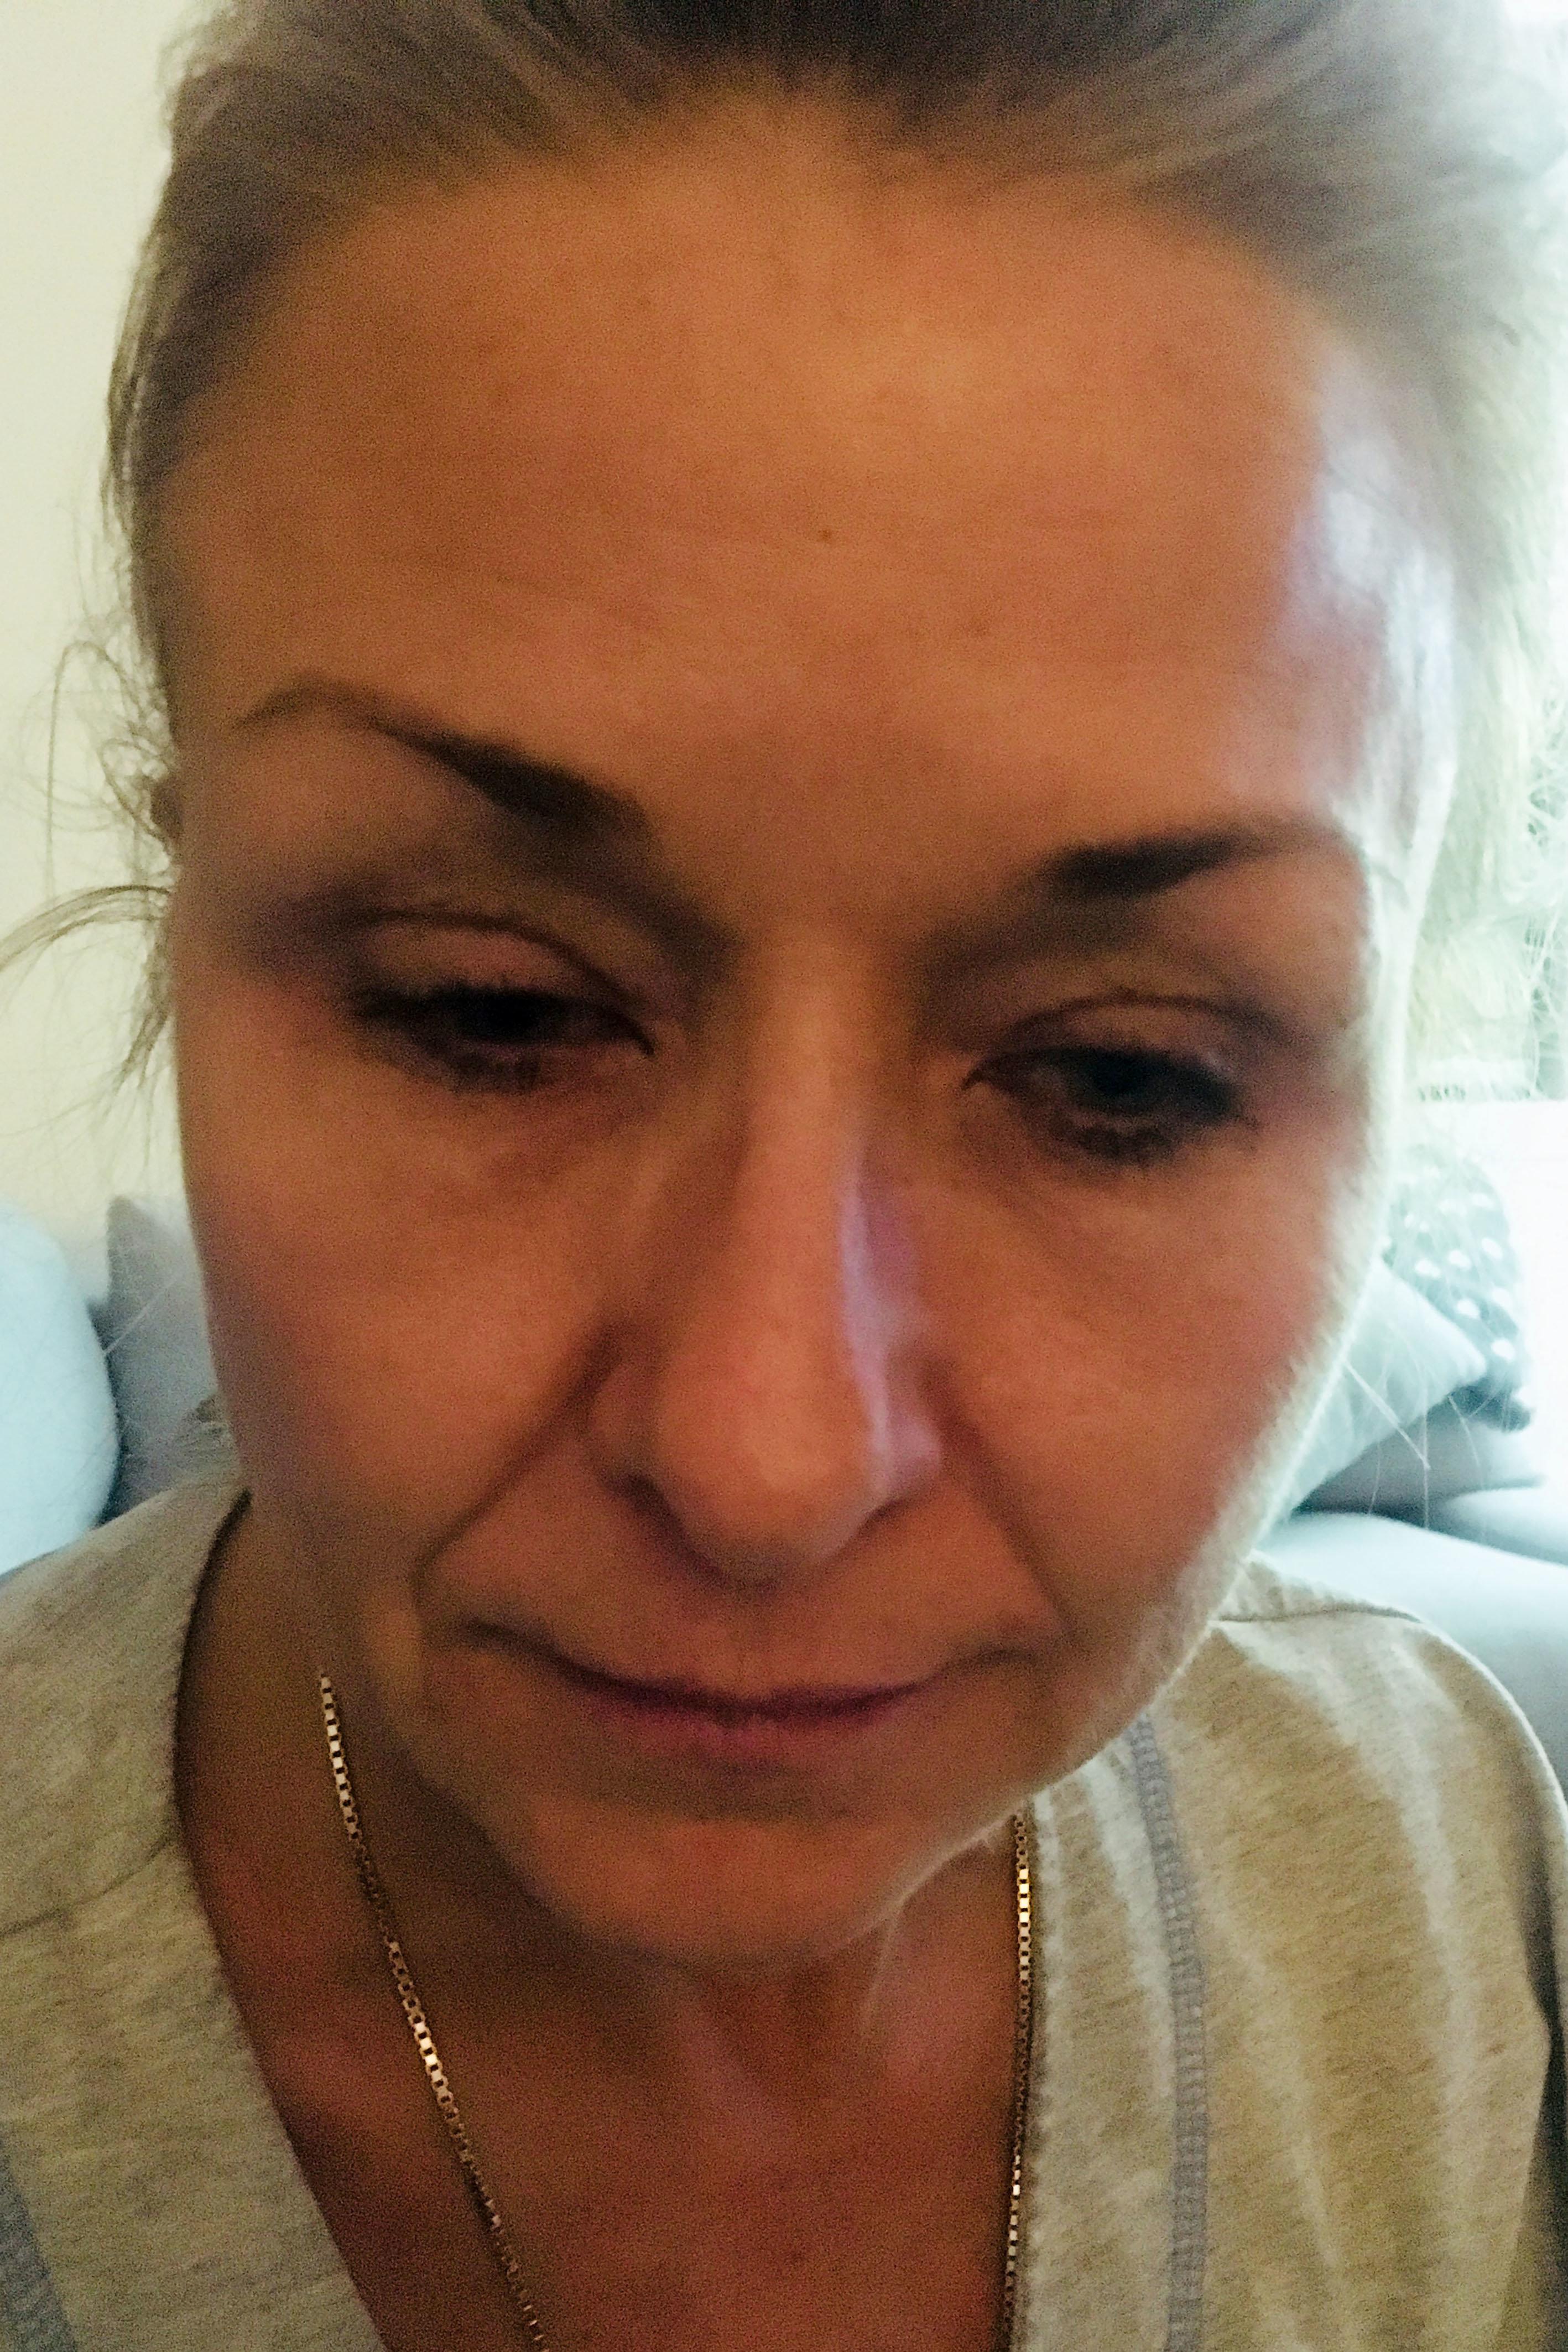 Frau schminkt sich 25 Jahre lang nicht ab – der Arzt erschrickt, als er ihr Auge